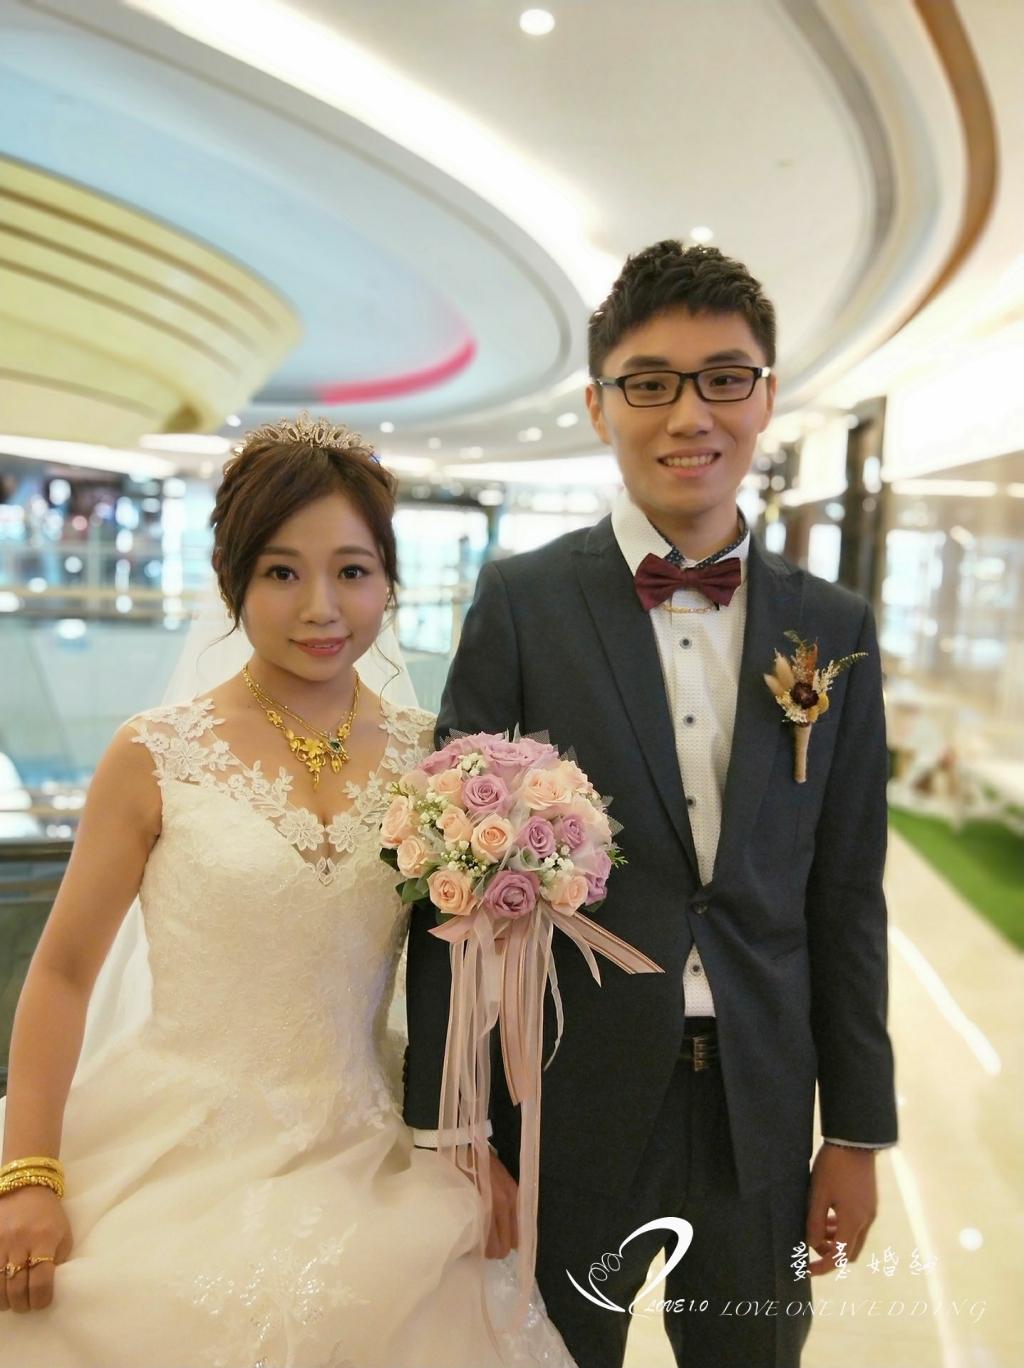 高雄婚禮記錄推薦59